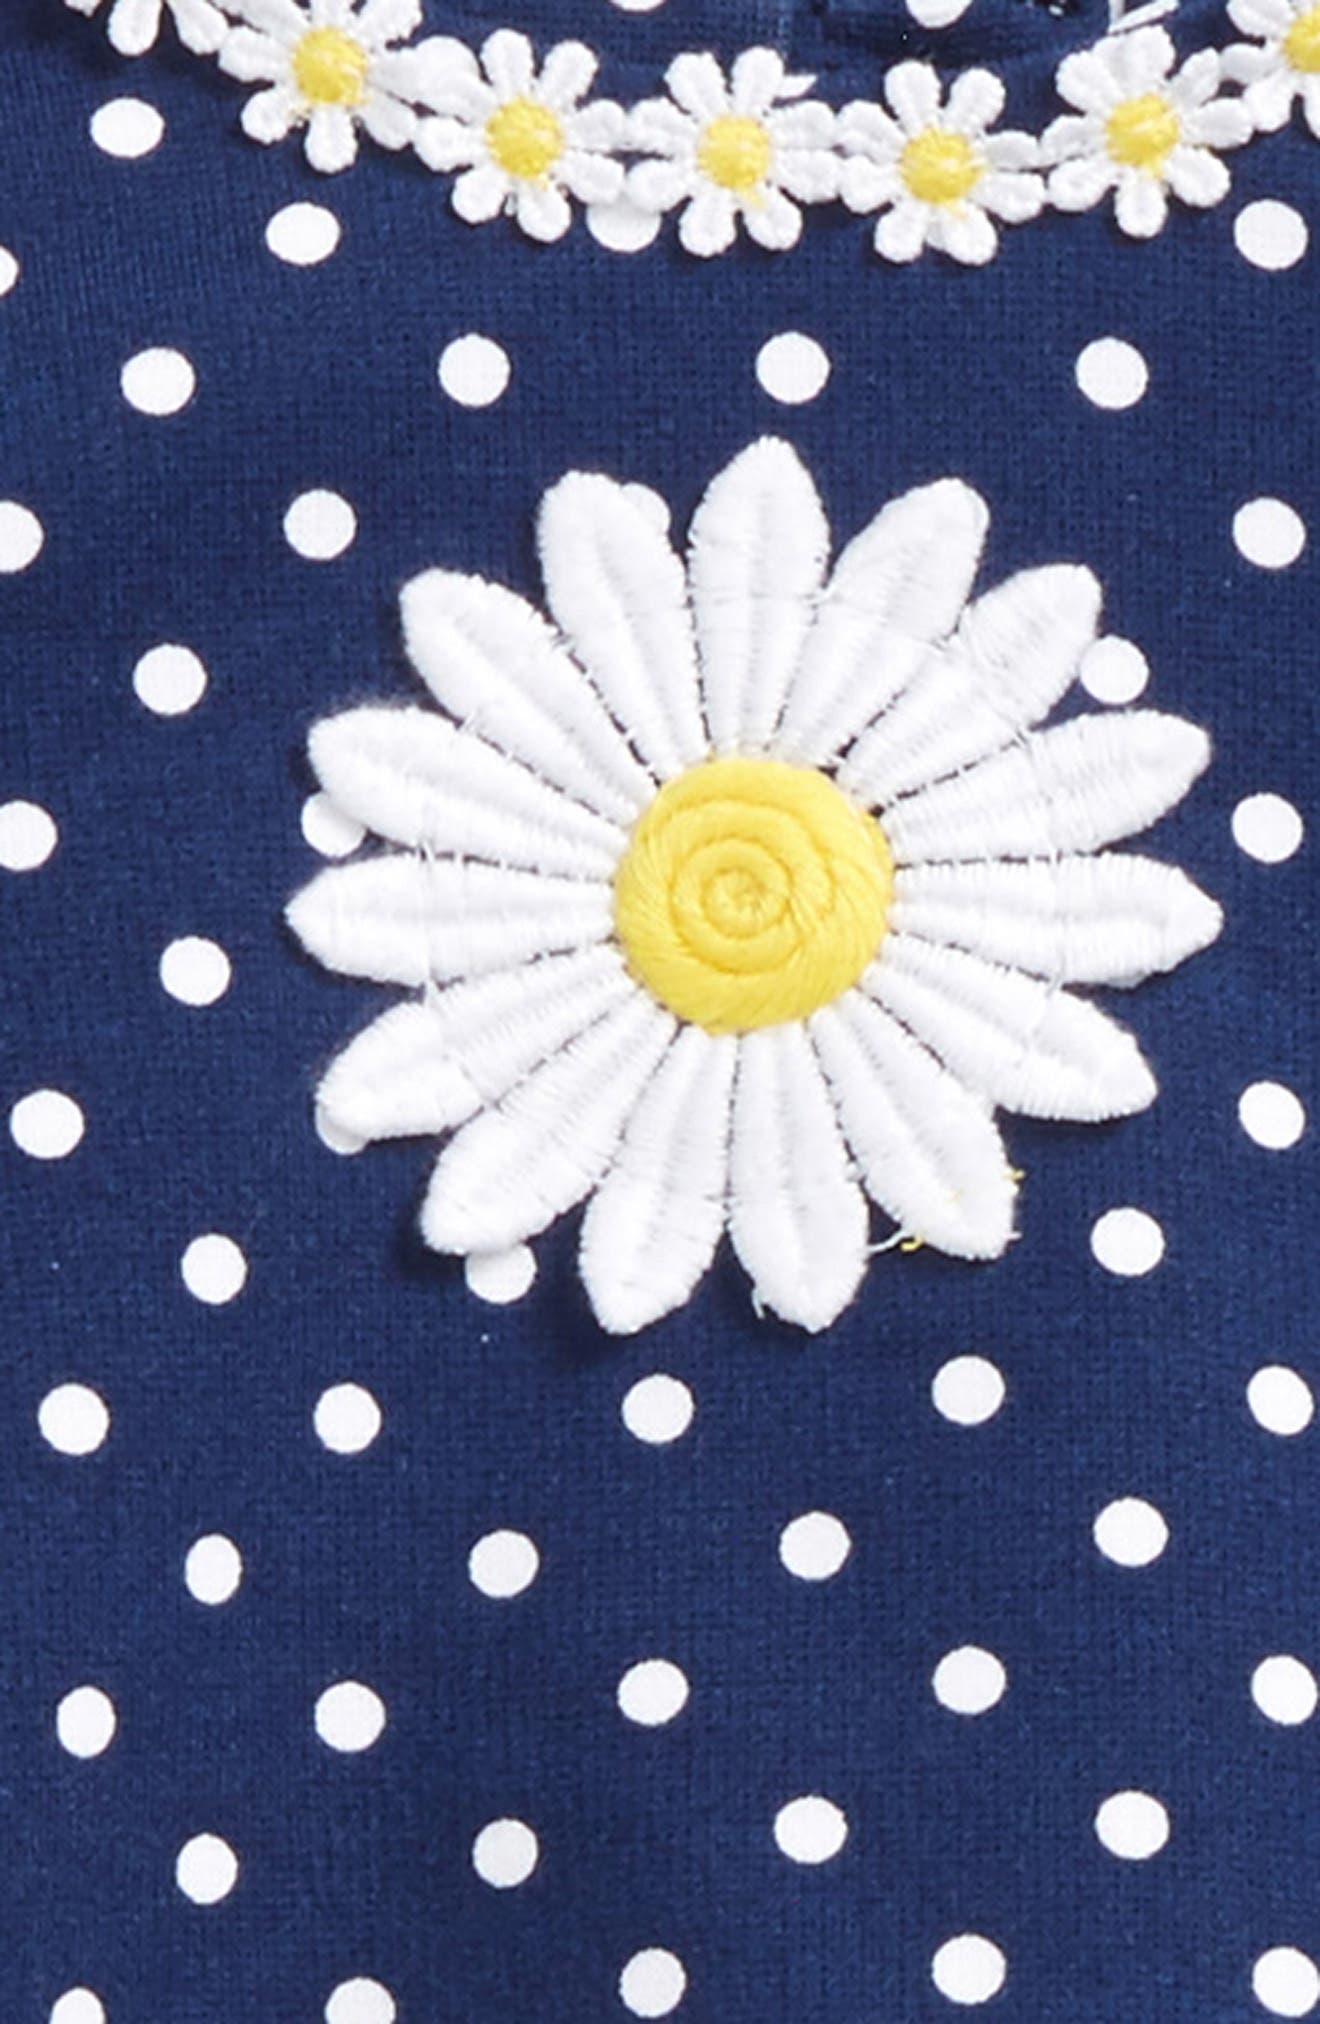 Daisy Polka Dot Dress & Stripe Leggings Set,                             Alternate thumbnail 2, color,